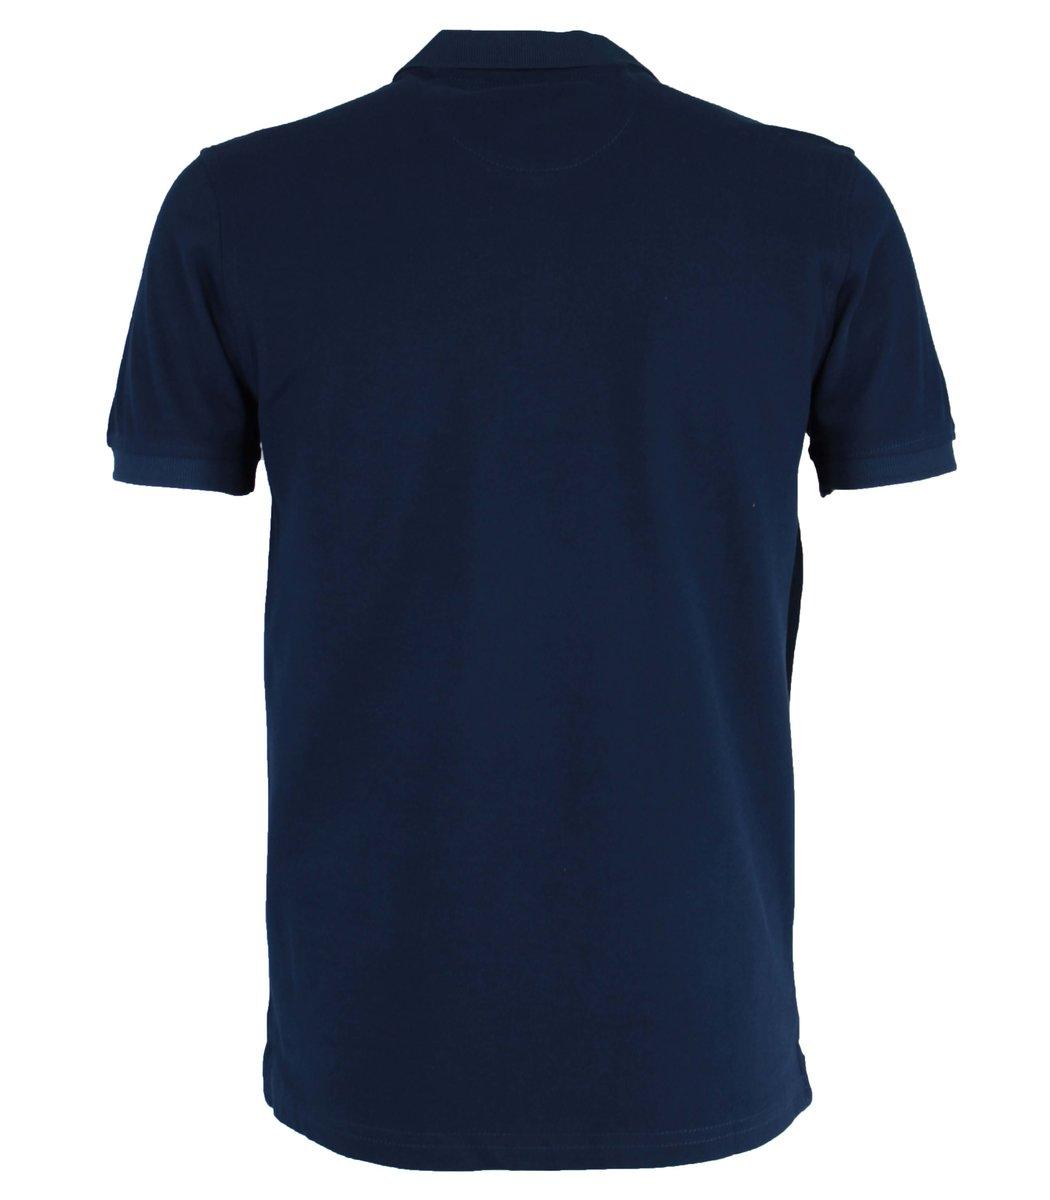 Синяя футболка поло Tommy Hilfiger T5